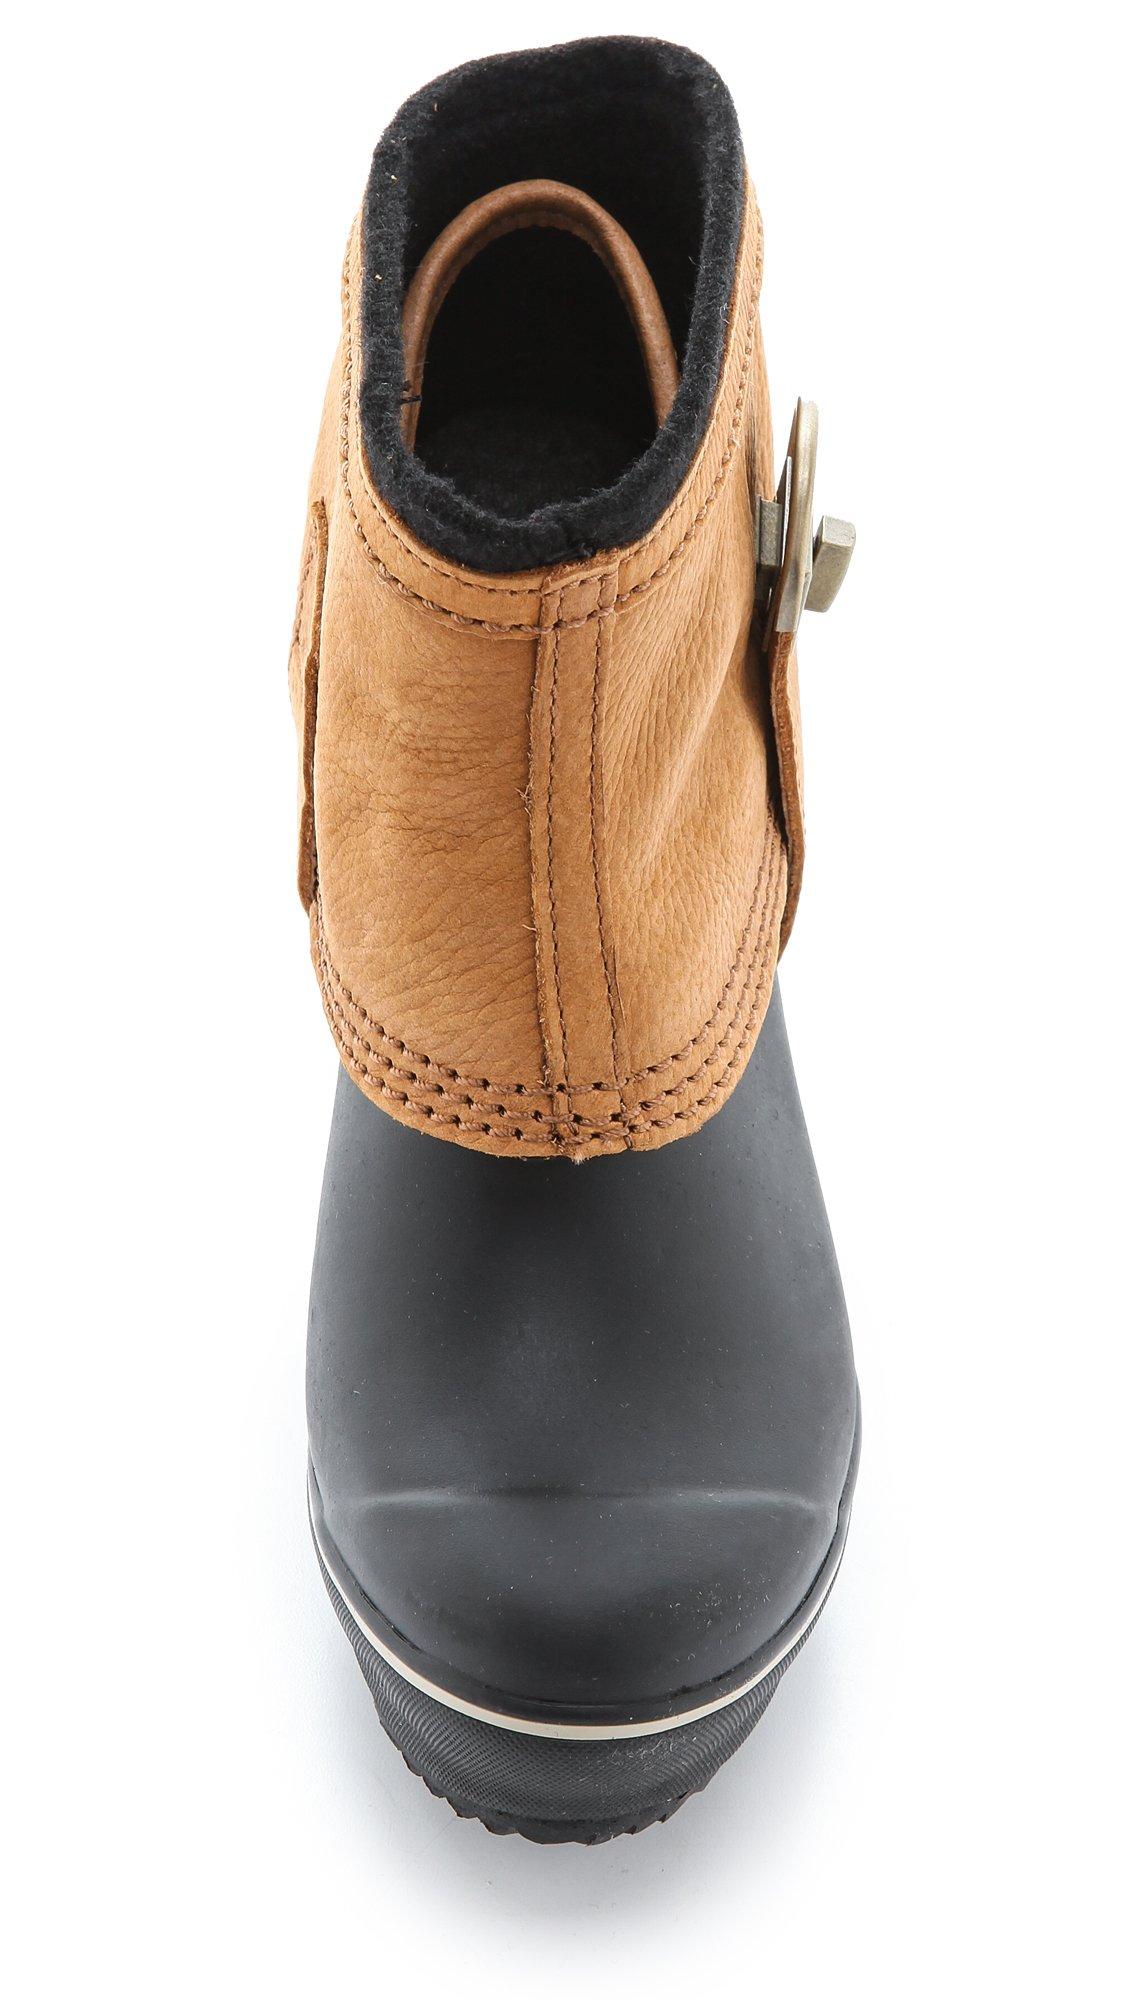 c3d46955943 Sorel Metallic Medina Ii Booties - Black